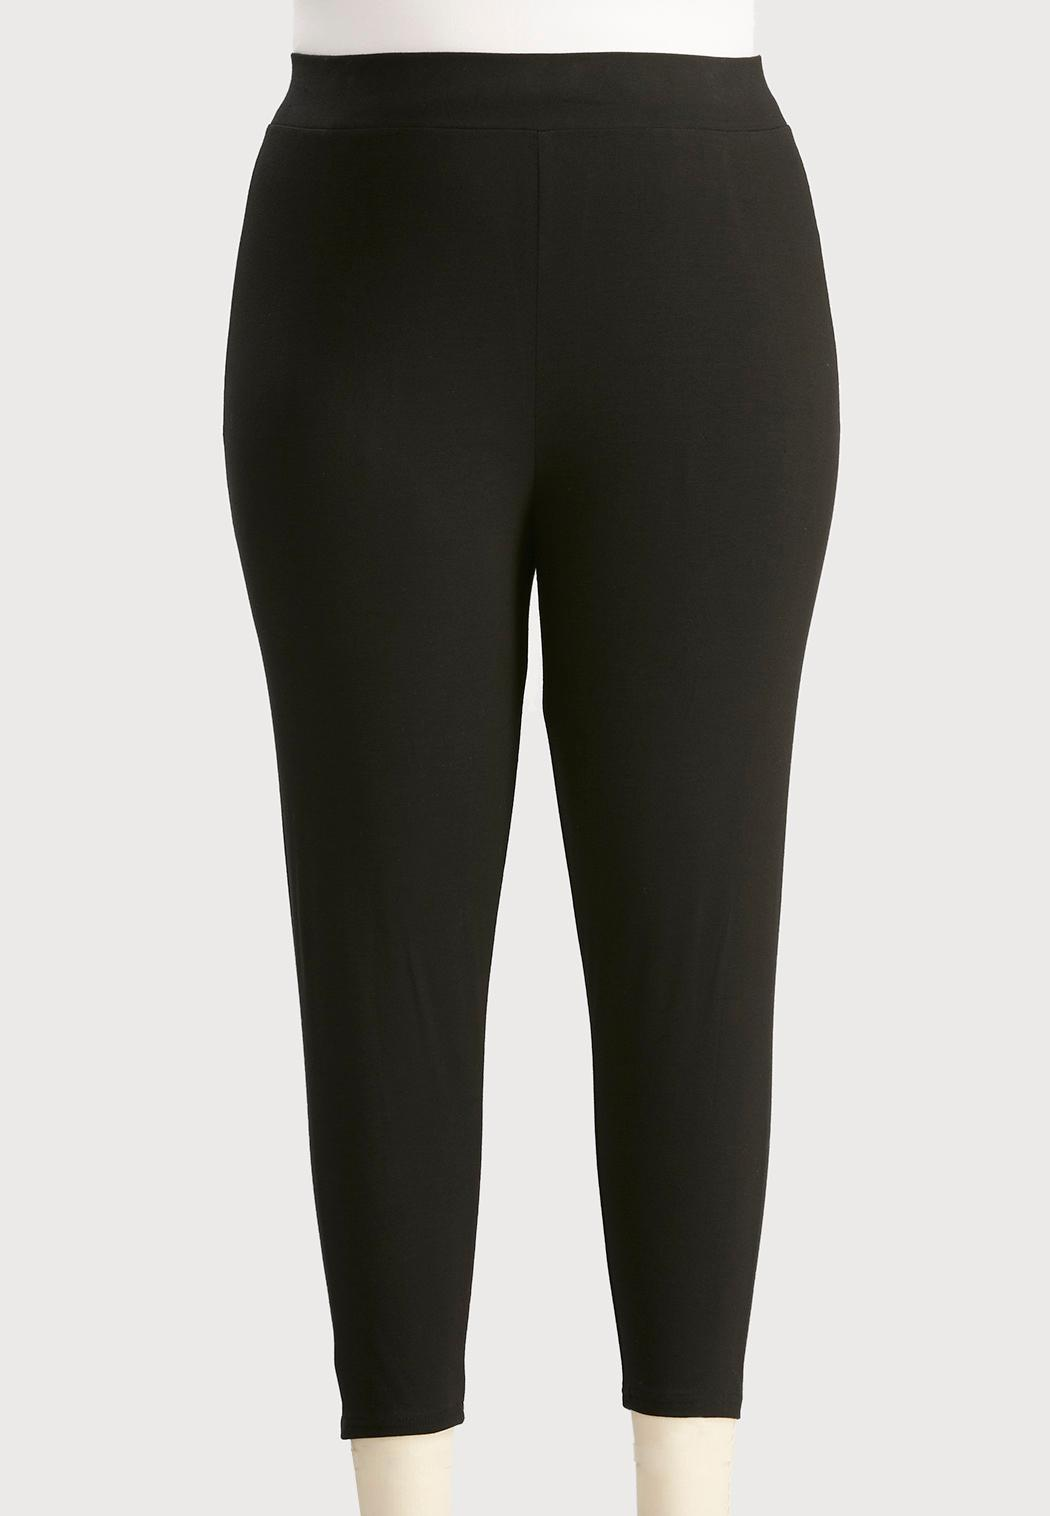 424dbbec7ce4d Plus Size Essential Capri Leggings Leggings Cato Fashions